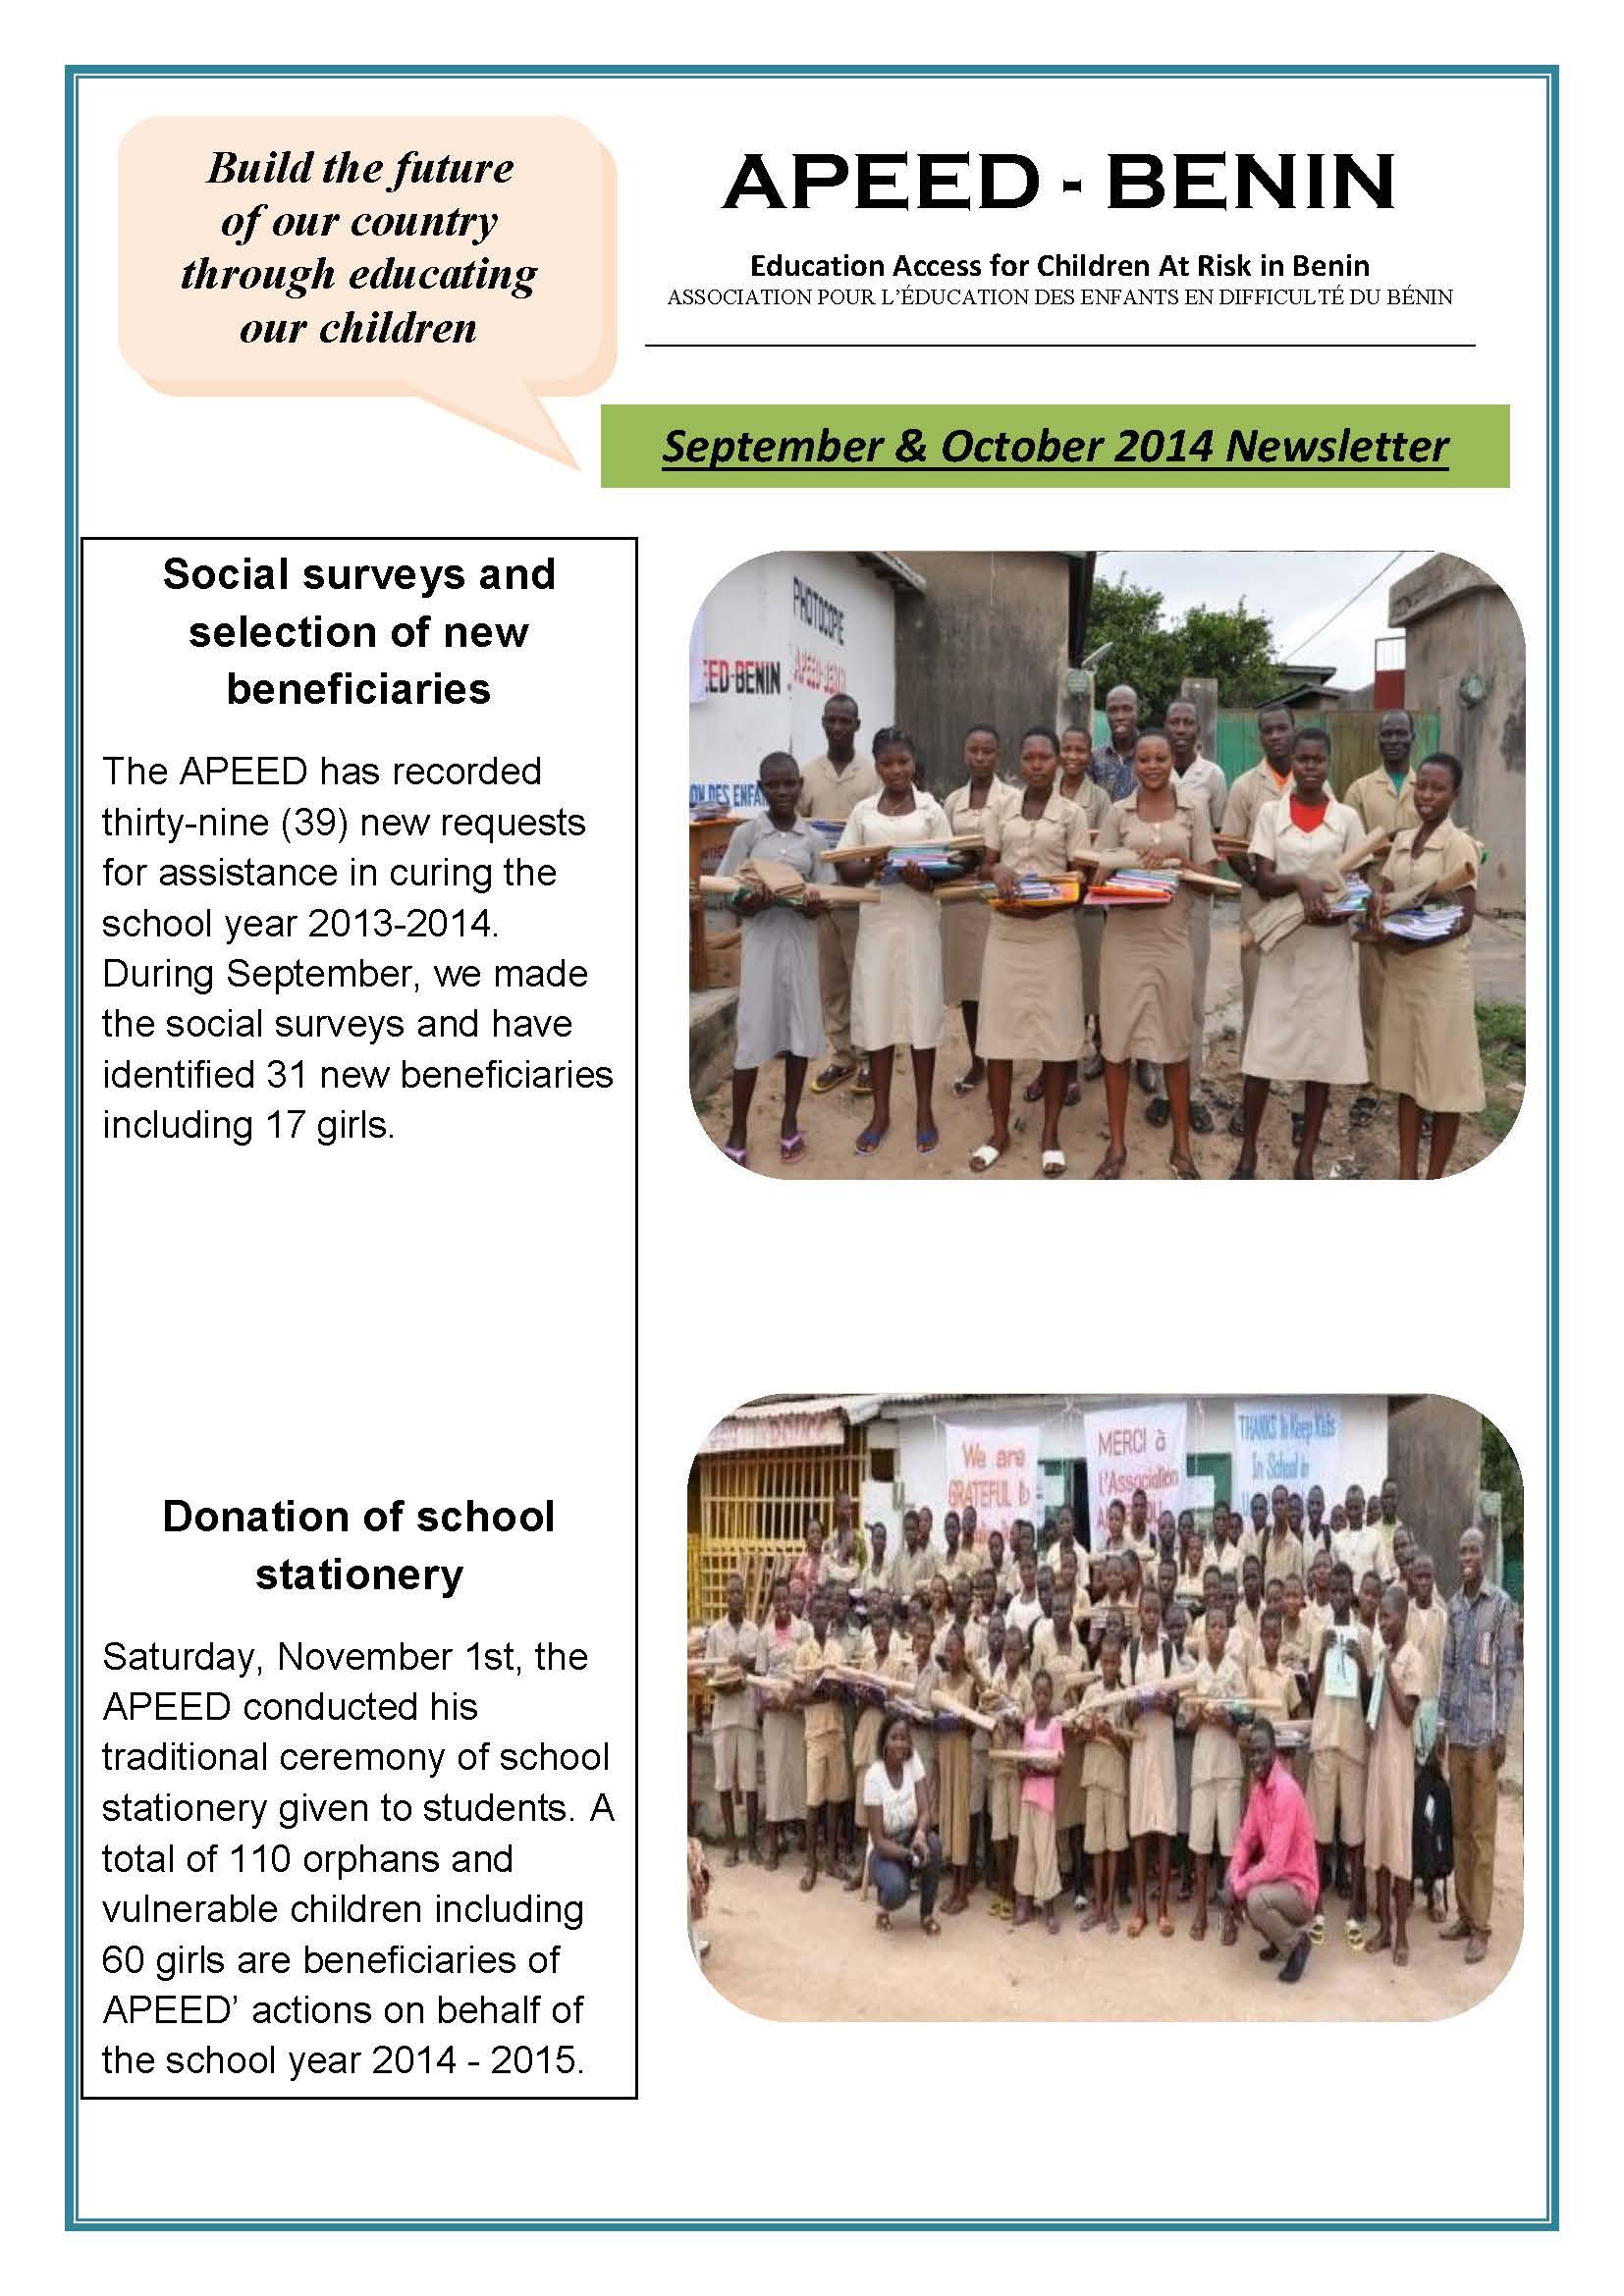 APEED-BENIN September - October Newsletter